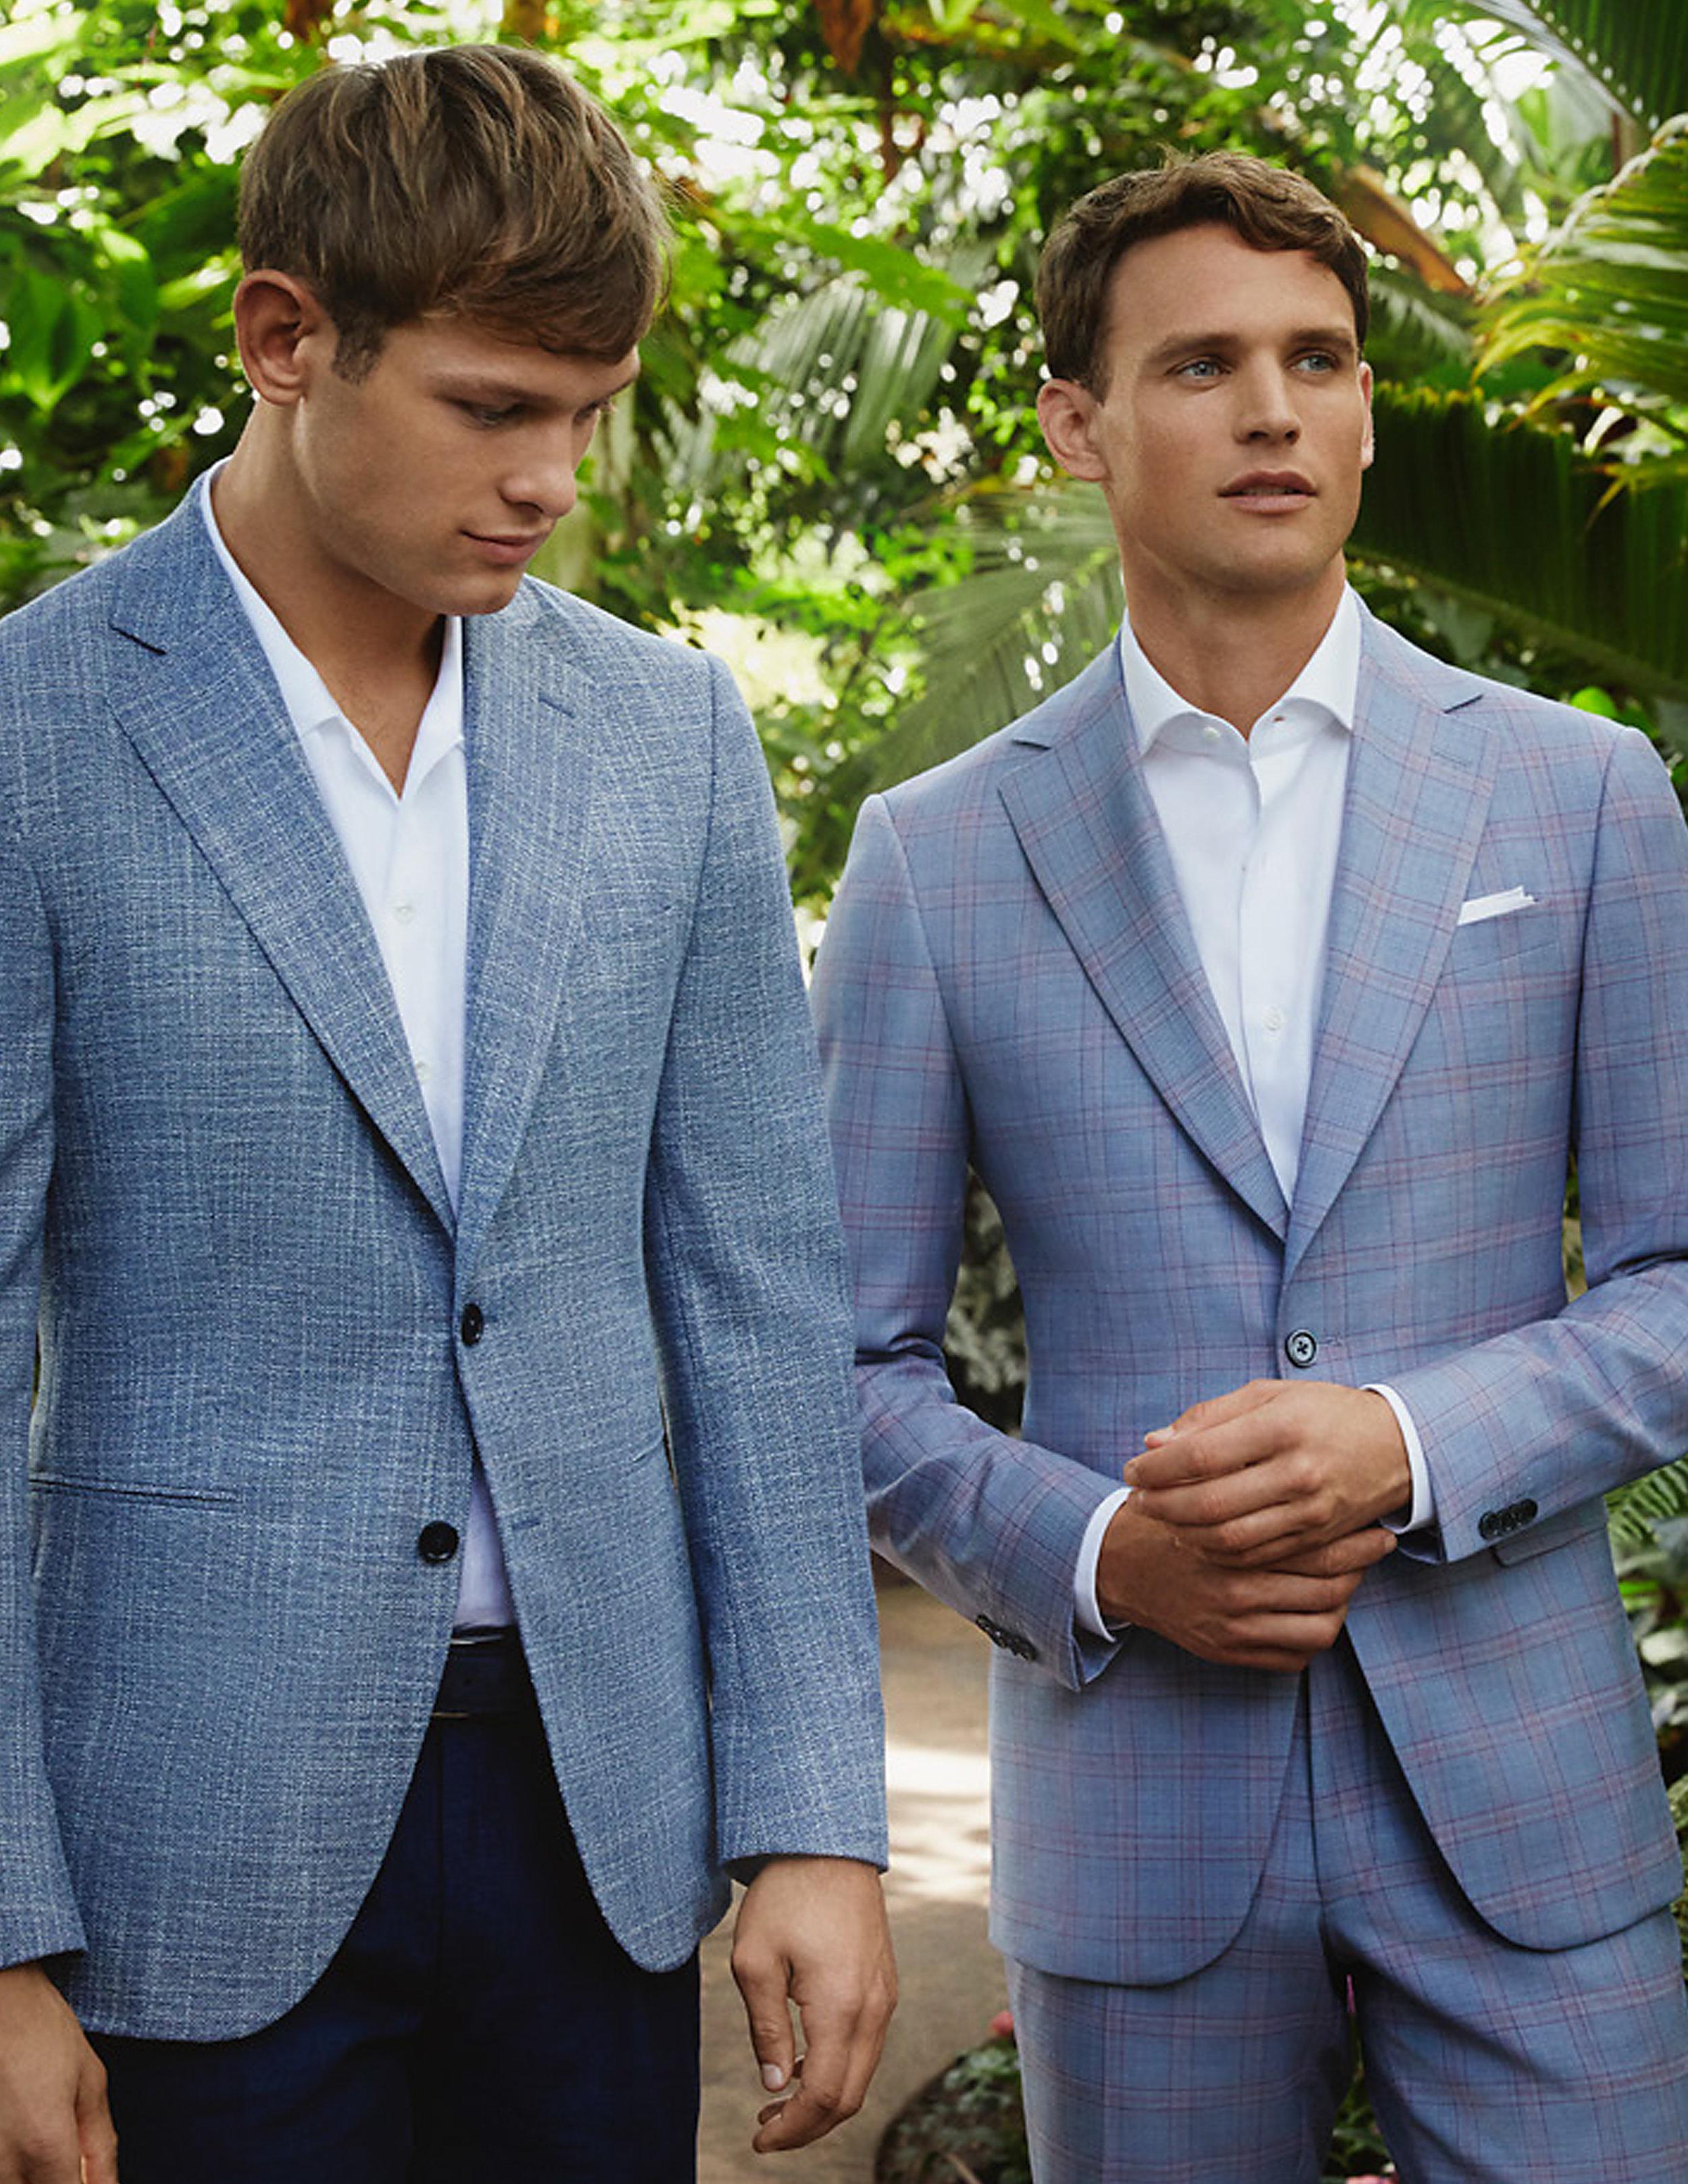 Cloth :: Scabal :: Positano No. 852864 & londoner No. 753741